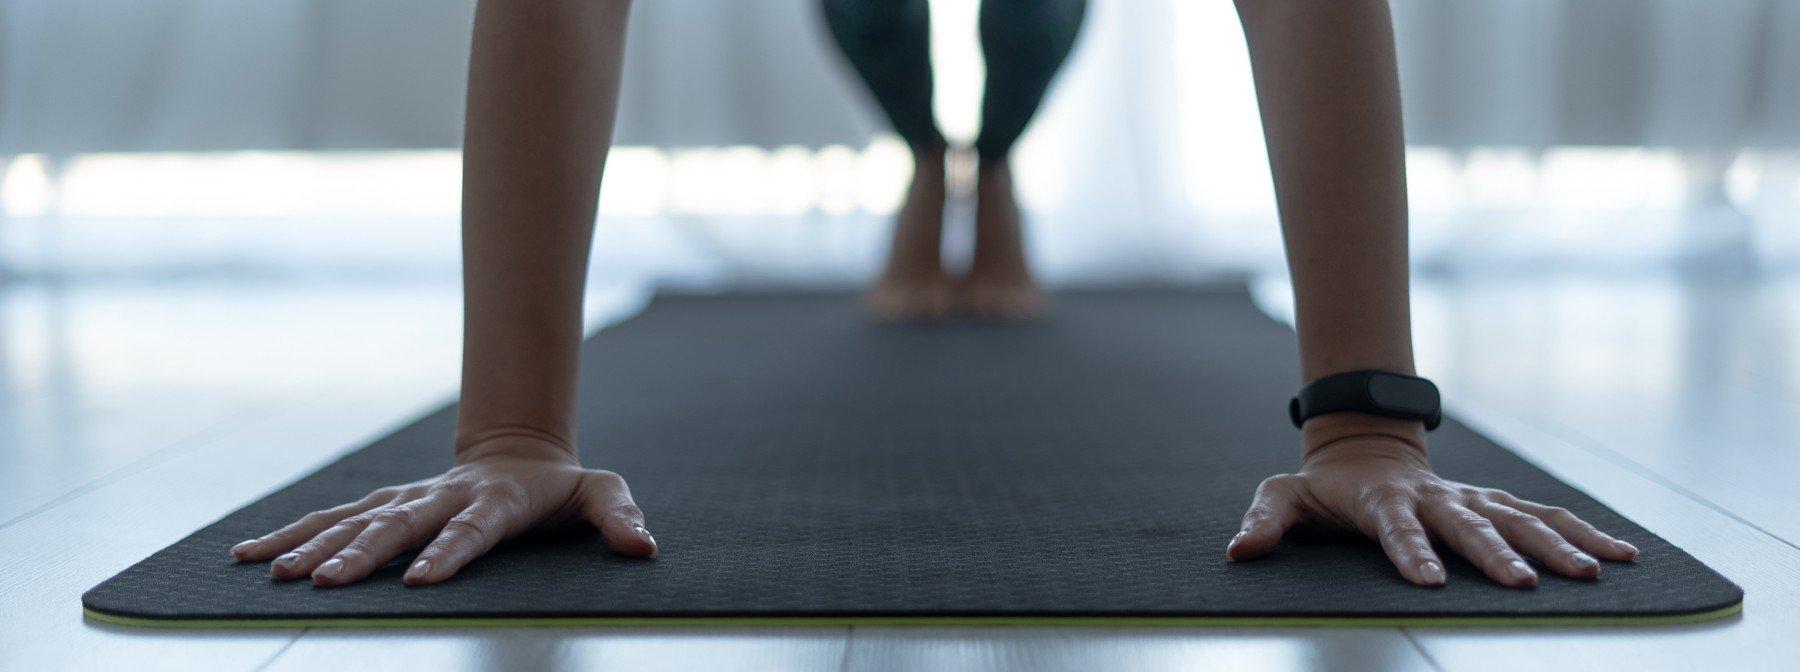 Maradj mozgásban otthon is! | 5 mód az erőnlét megőrzéséhez